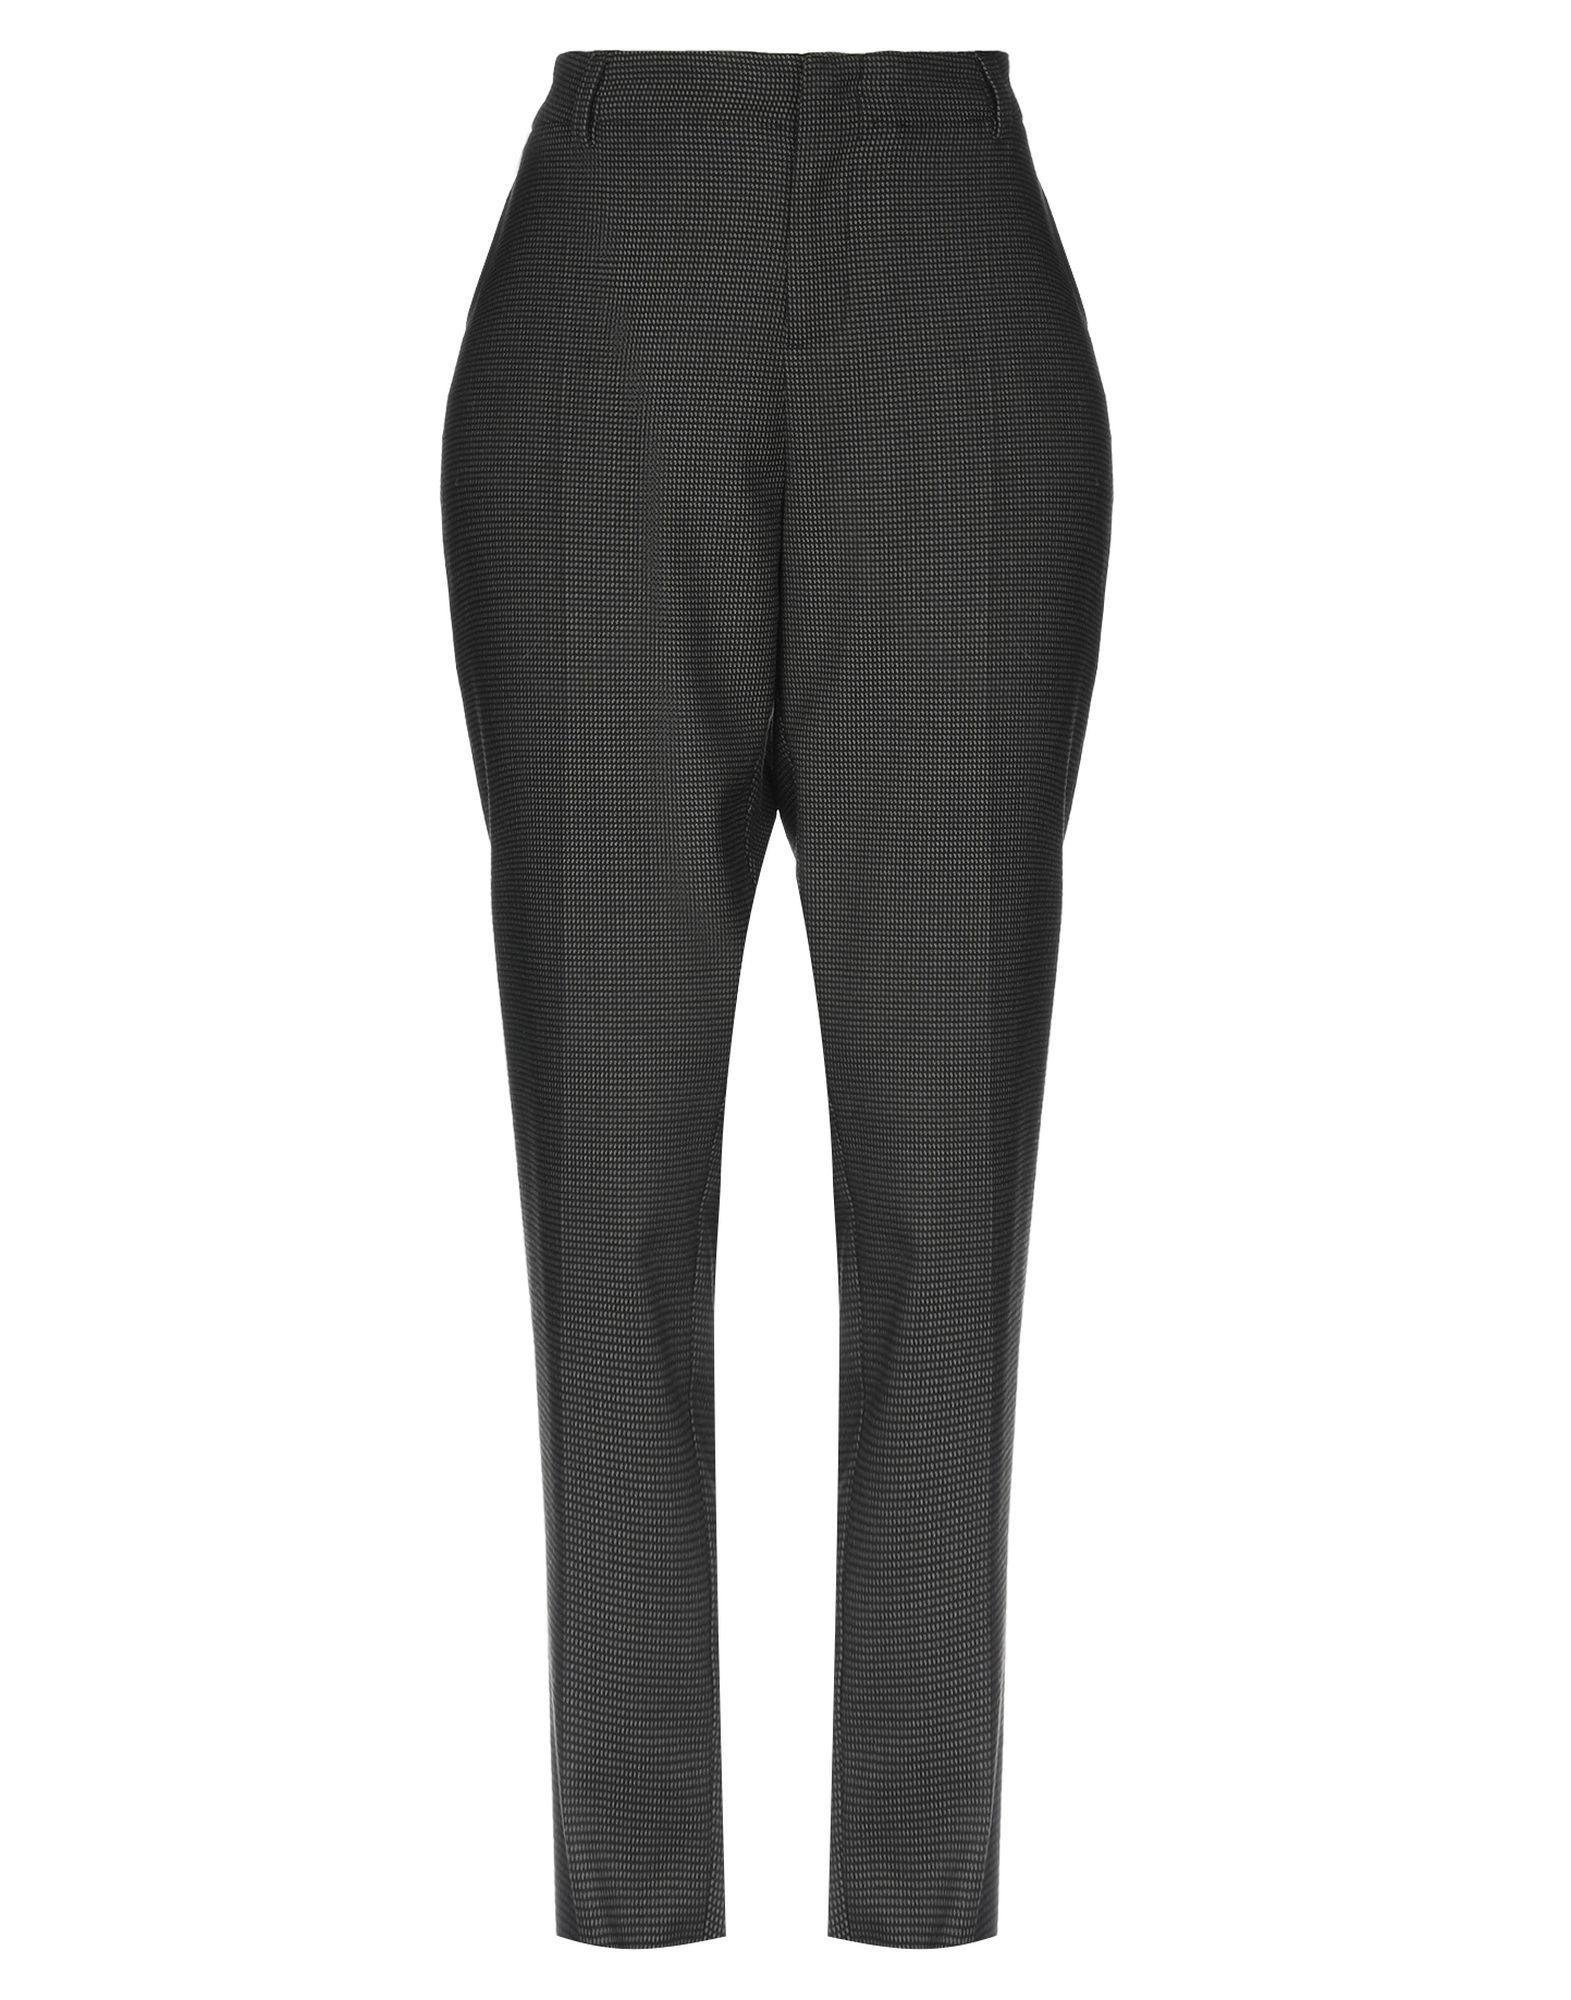 FUEGO WOMAN Повседневные брюки fuego woman повседневные брюки